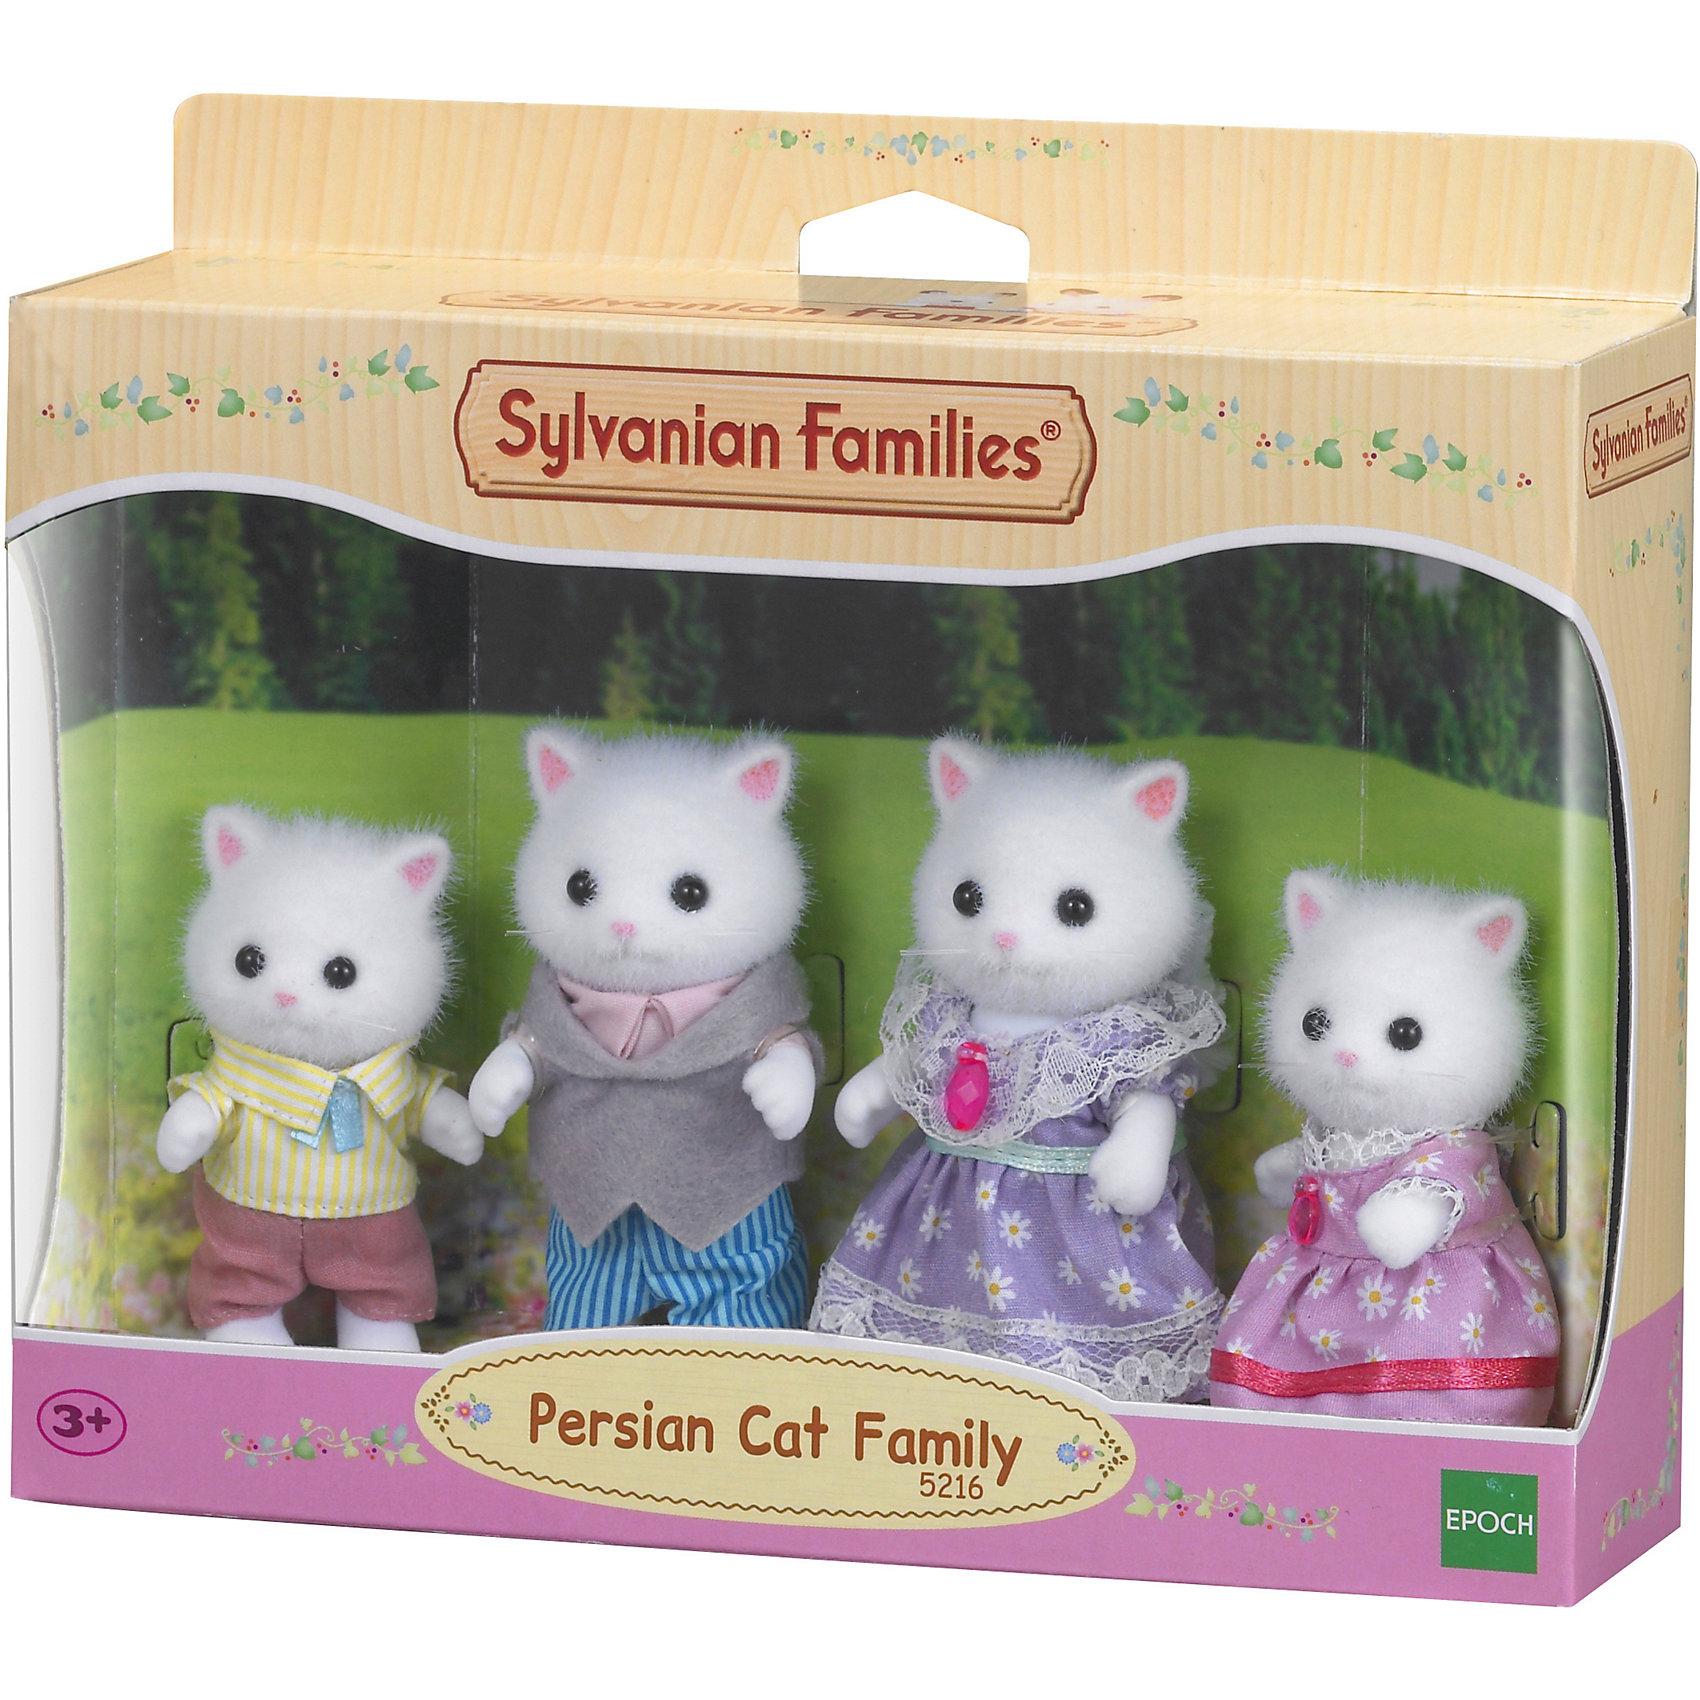 Набор Семья персидских котов Sylvanian FamiliesSylvanian Families<br>Семья  персидских котов Sylvanian Families - это семья очень творческих котов из Сильвании. <br><br>Sylvanian Families – это удивительный мир, в котором сказочные животные живут настоящими семьями. В этом мире существуют не только взрослые персонажи, но и детишки разного возраста, а также бабушки и дедушки. Их мир наполнен гармонией и заботой друг о друге. <br><br>Семья состоит из папы, мамы, дочки и сынишки. У каждого из них есть имя и характер.<br><br>Папа Септимус (Septimus) - мастер-ремесленник, который делает самые красивые ковры. В своей мастерской он придумывает необычные узоры с использованием самых различных материалов, поэтому его коврами может гордиться каждый житель Сильвании. <br><br>Мама Саломе (Salome) - художница, которая черпает вдохновение из природы. Она часто помогает своему мужу в изготовлении ковров. Саломе может часами сидеть за мольбертом в лесу и рисовать. <br><br>Братик Нолли (Nolly) готов проводить все время за играми в саду, делая перерыв только для того, чтобы пообедать. Он очень любит лазить по деревьям, но часто зависает на каком-то огромном дереве и не может слезть. Приходится звать на помощь папу, который обязательно ему поможет.<br><br>Сестричка Сади (Sadie) не находит ничего лучше, чем уединиться с хорошей книгой в самой солнечной части дома. Она читает так много книг, что иногда забывает о реальности.<br><br>Каждый персонаж одет в костюмчик, который легко снимается. На папе симпатичный костюм с рубашкой, на маме ситцевое платье. Детишки очень похожи на своих родителей: на сыне комбинезон с рубашкой, а на дочке платье с бантиками и кружавчиками.<br><br>У всех кошек двигаются лапки, пушистые хвосты гнутся.<br><br>Дополнительная информация:<br><br>- Размер мамы и папы: 8 см.<br>- Размер дочки и сына: 6,5 см.<br>- Размер упаковки (д/ш/в): 20 х 6 х 15 см.<br>- Материал: текстиль, ПВХ с полимерным напылением, пластмасса.<br><br>Этот набор обязательно порадует Вашего ре